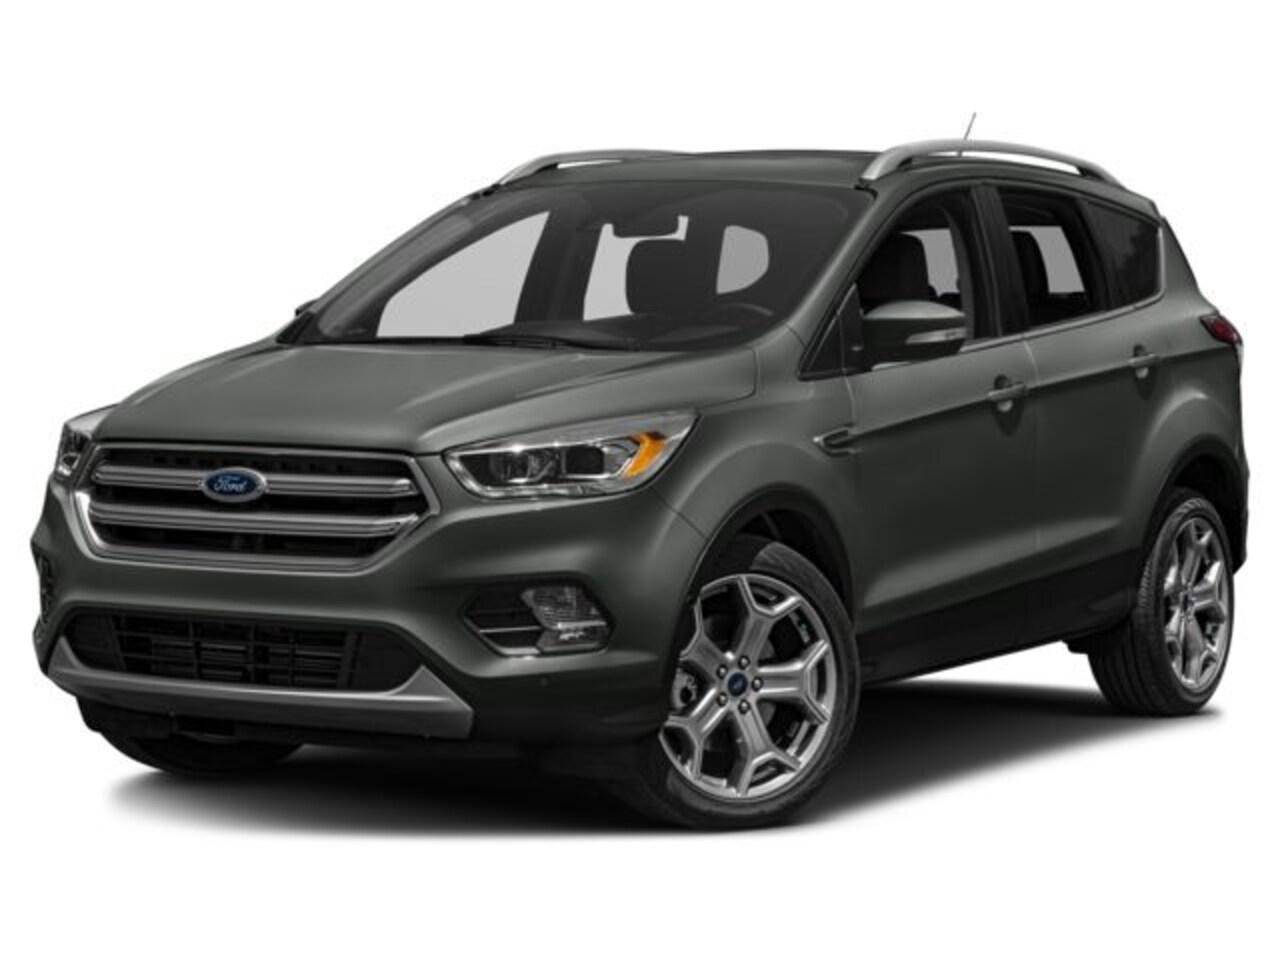 2018 Ford Escape TITANIUM 400A 4WD ROOF SAFE SMART 19